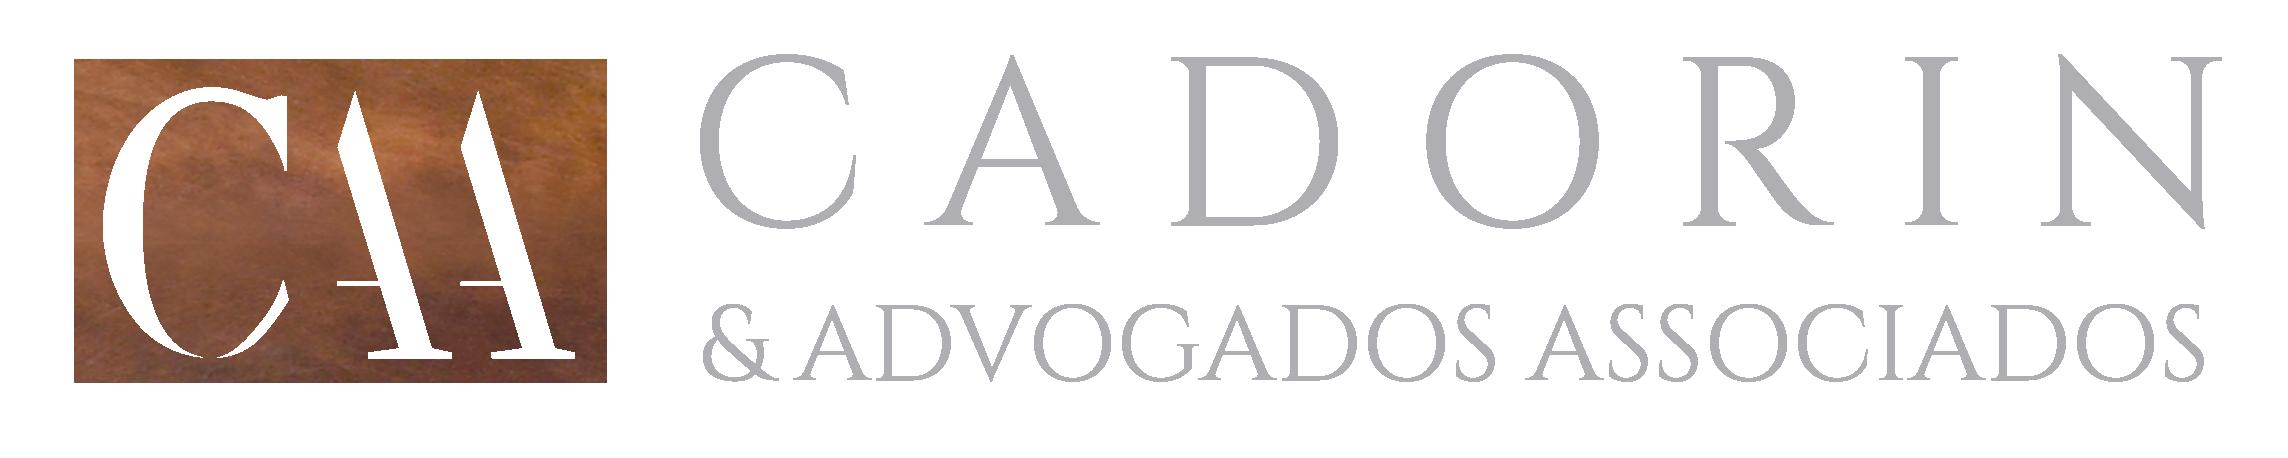 Cadorin & Advogados Associados